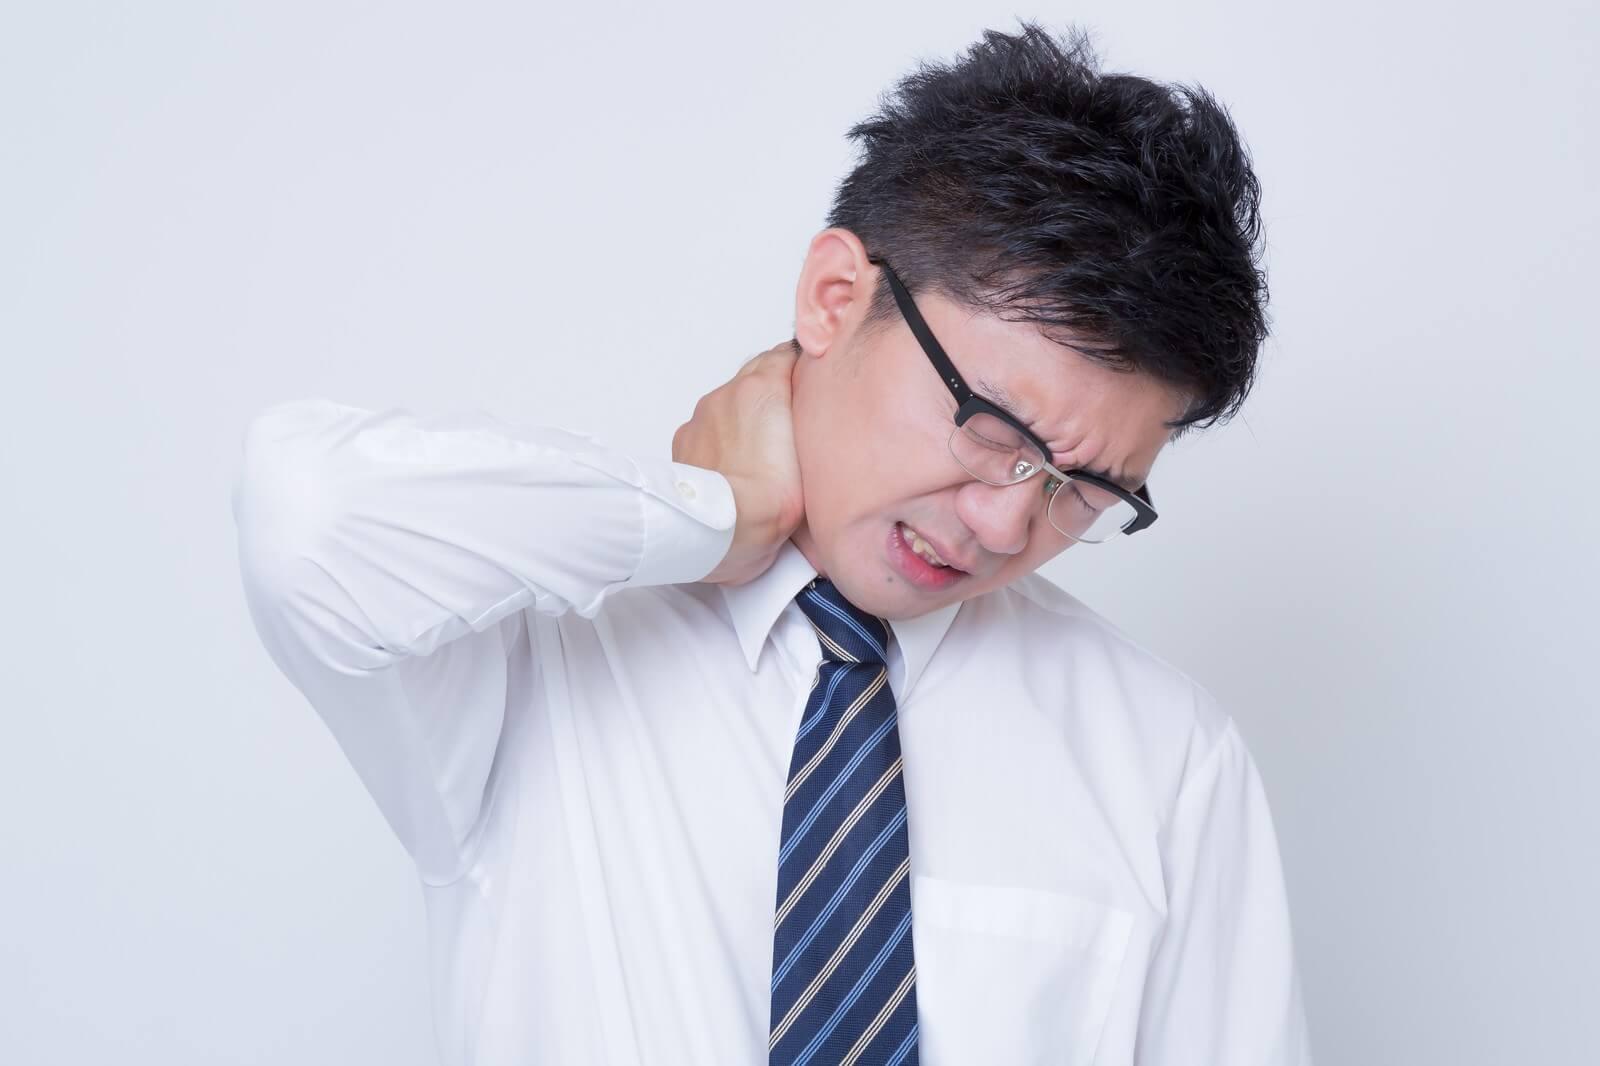 簡単なストレッチで筋肉をほぐして頭痛の予防・緩和を目指す